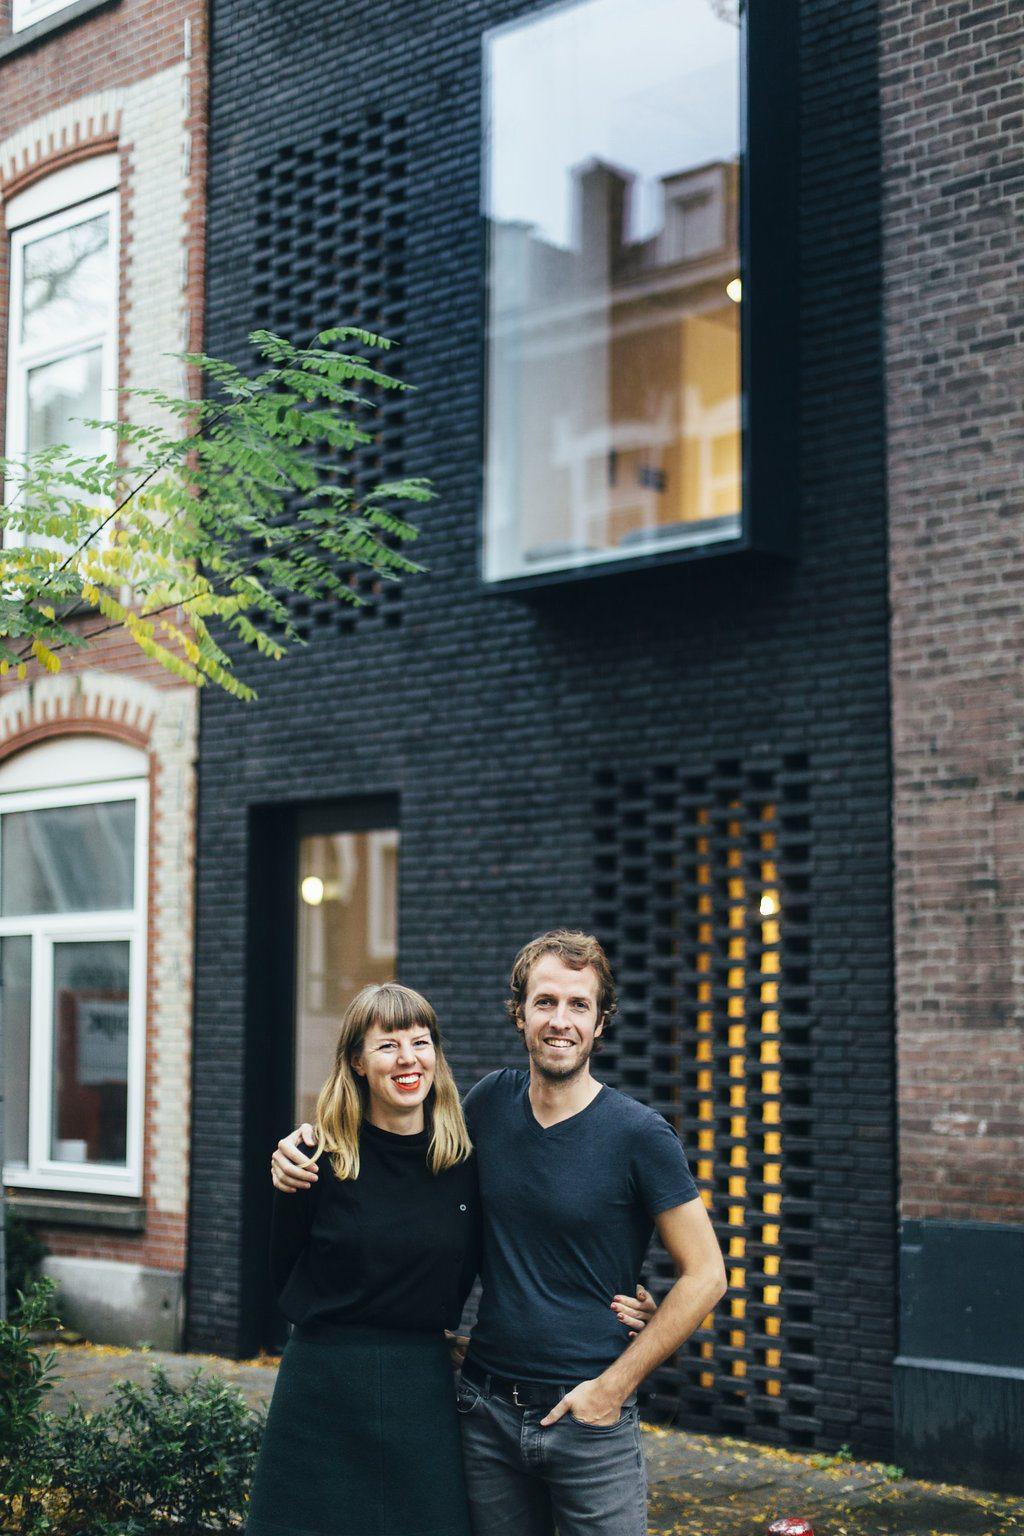 Zelfontworpen duurzaam huis van Gwendolyn Huisman en Marijn Boterman uit Rotterdam